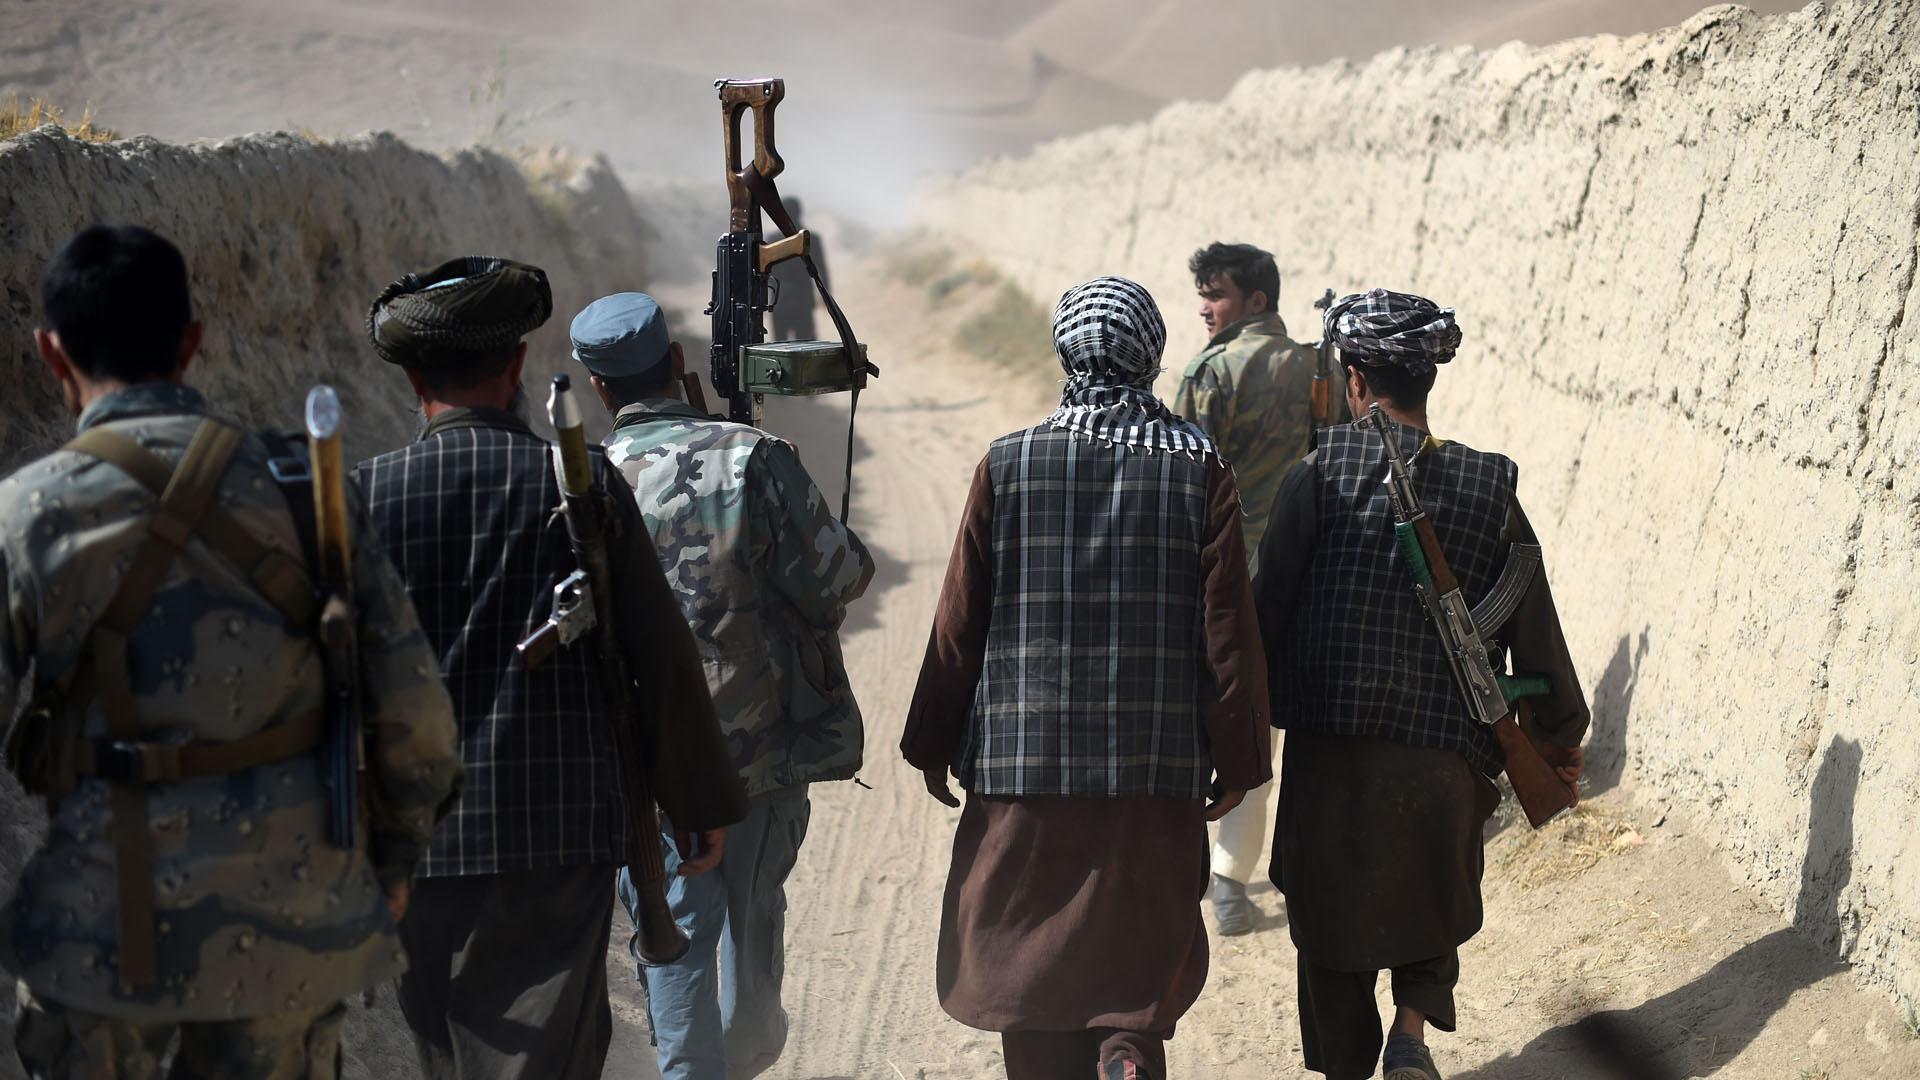 Los extremistas reivindicaron el secuestro en Internet y dijeron haber capturado a 27 individuos sospechosos